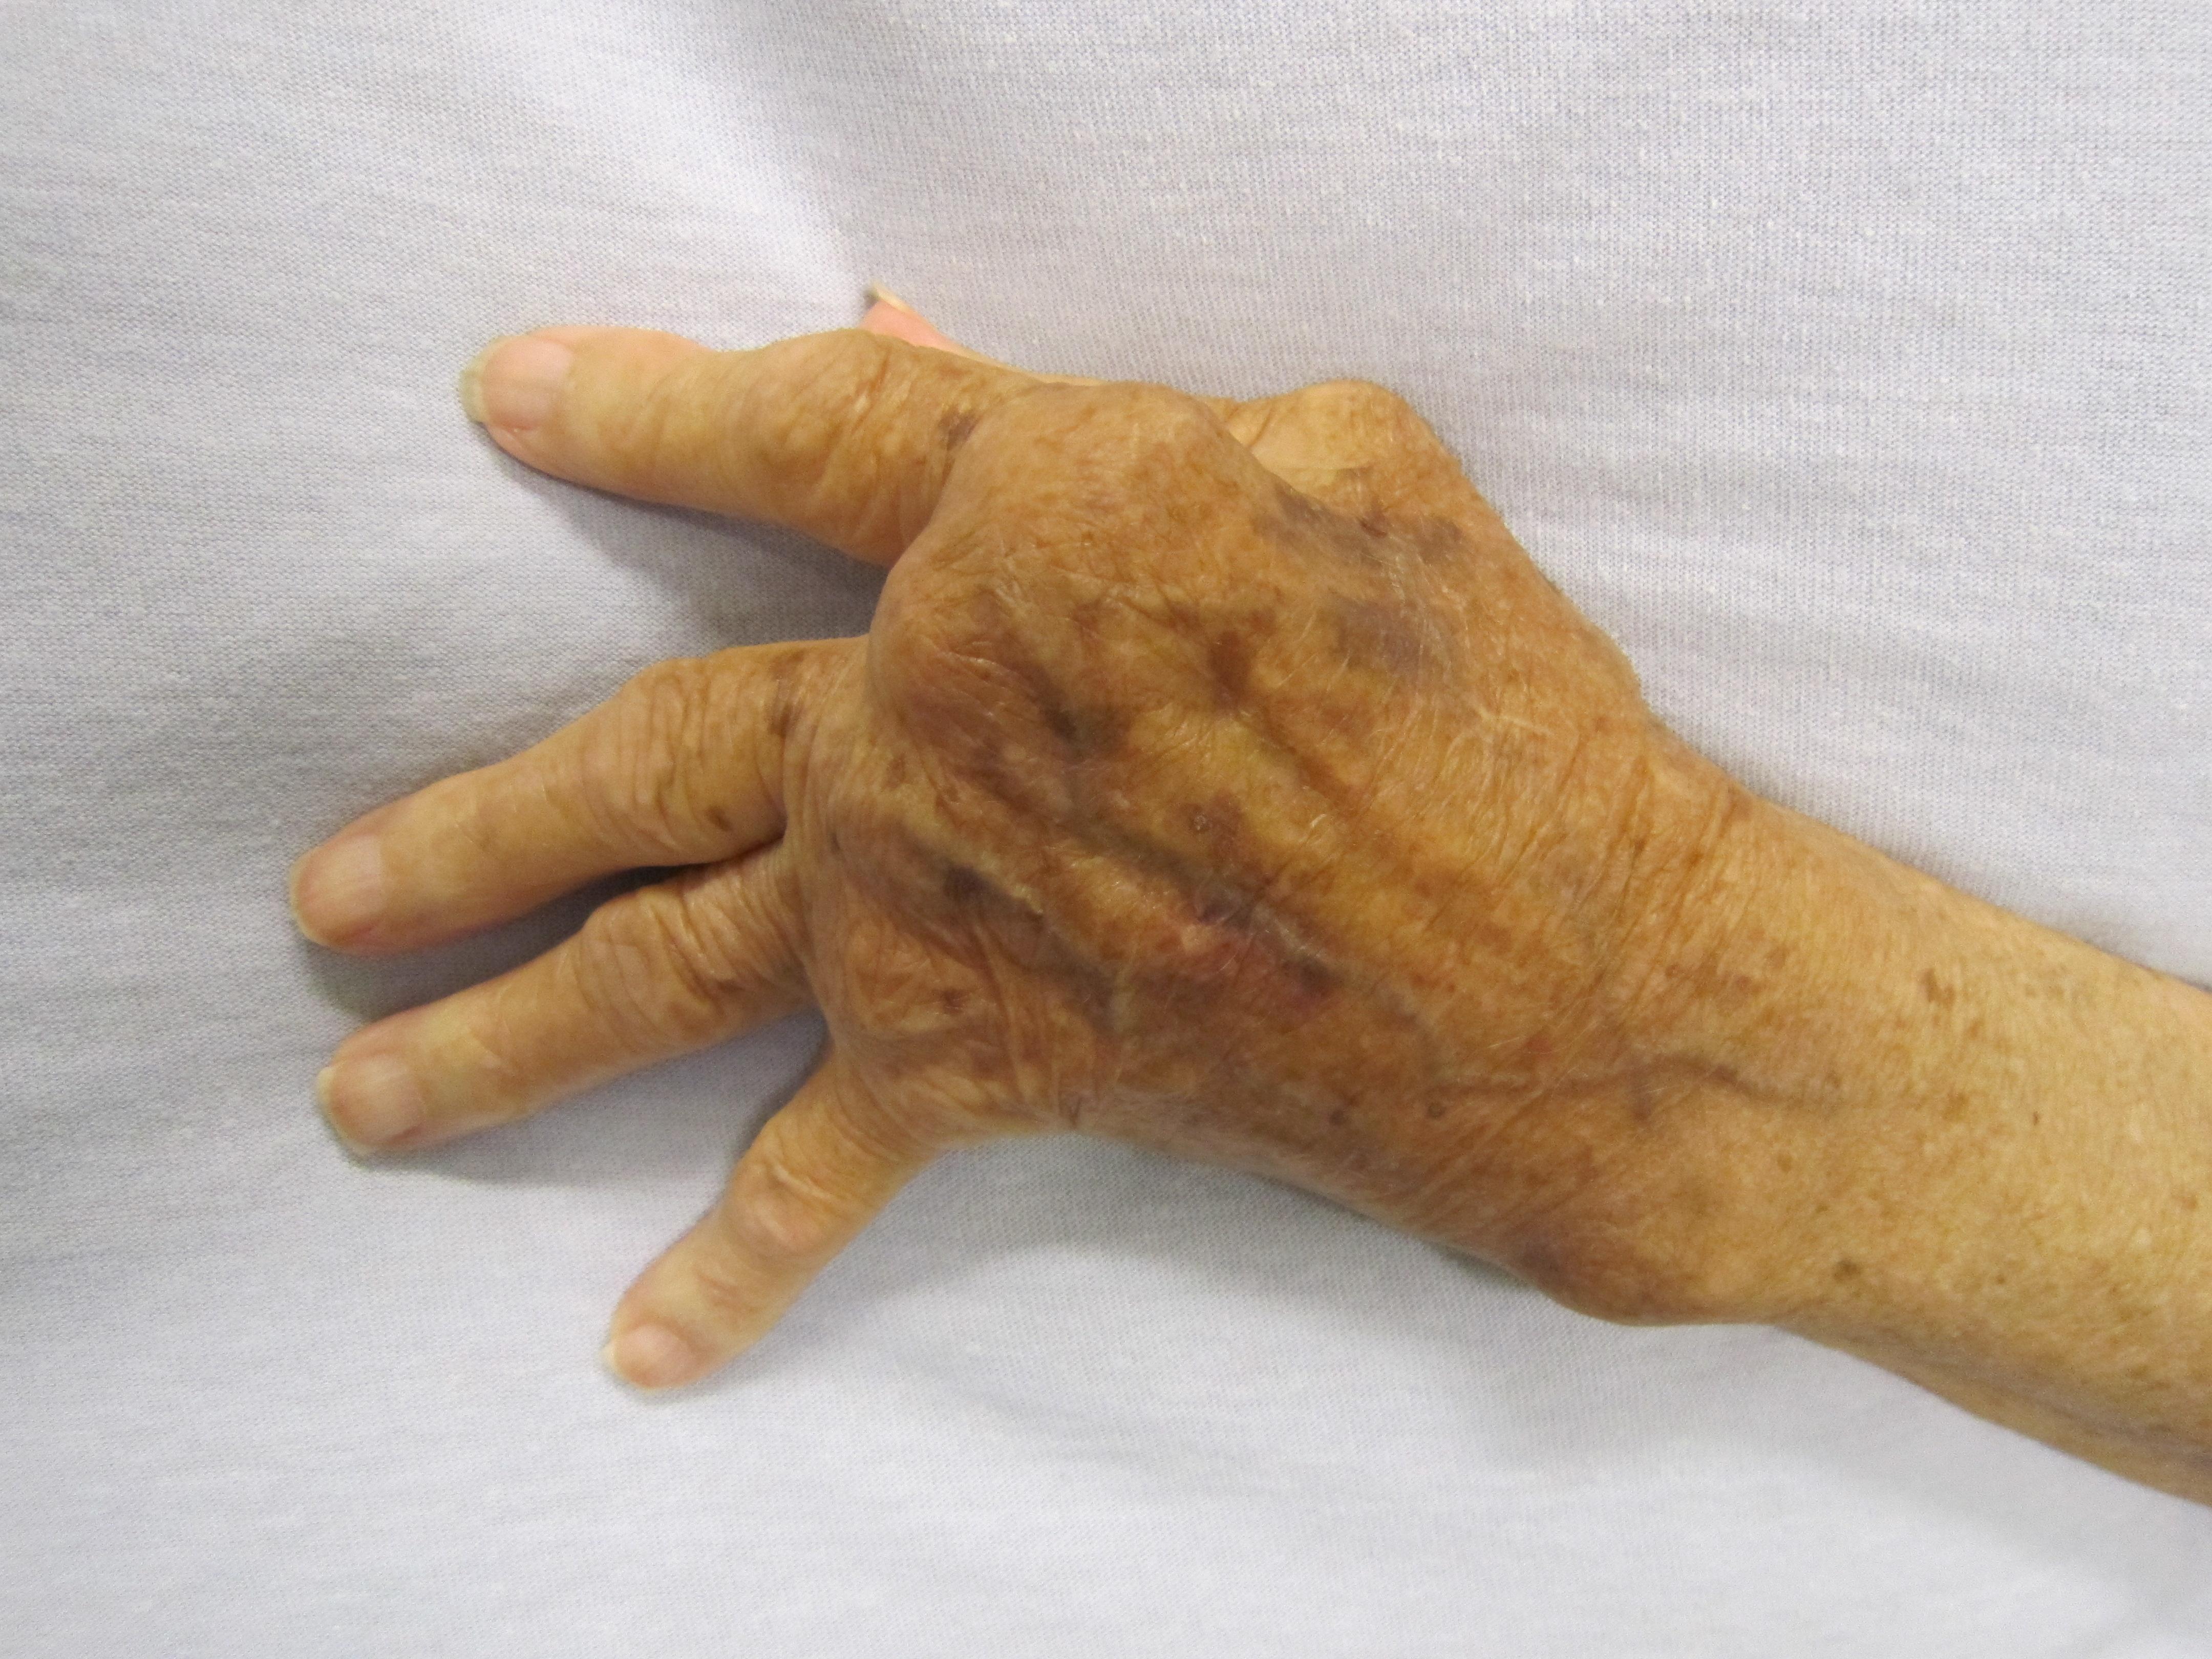 mely ízületeket érinti a rheumatoid arthritis)